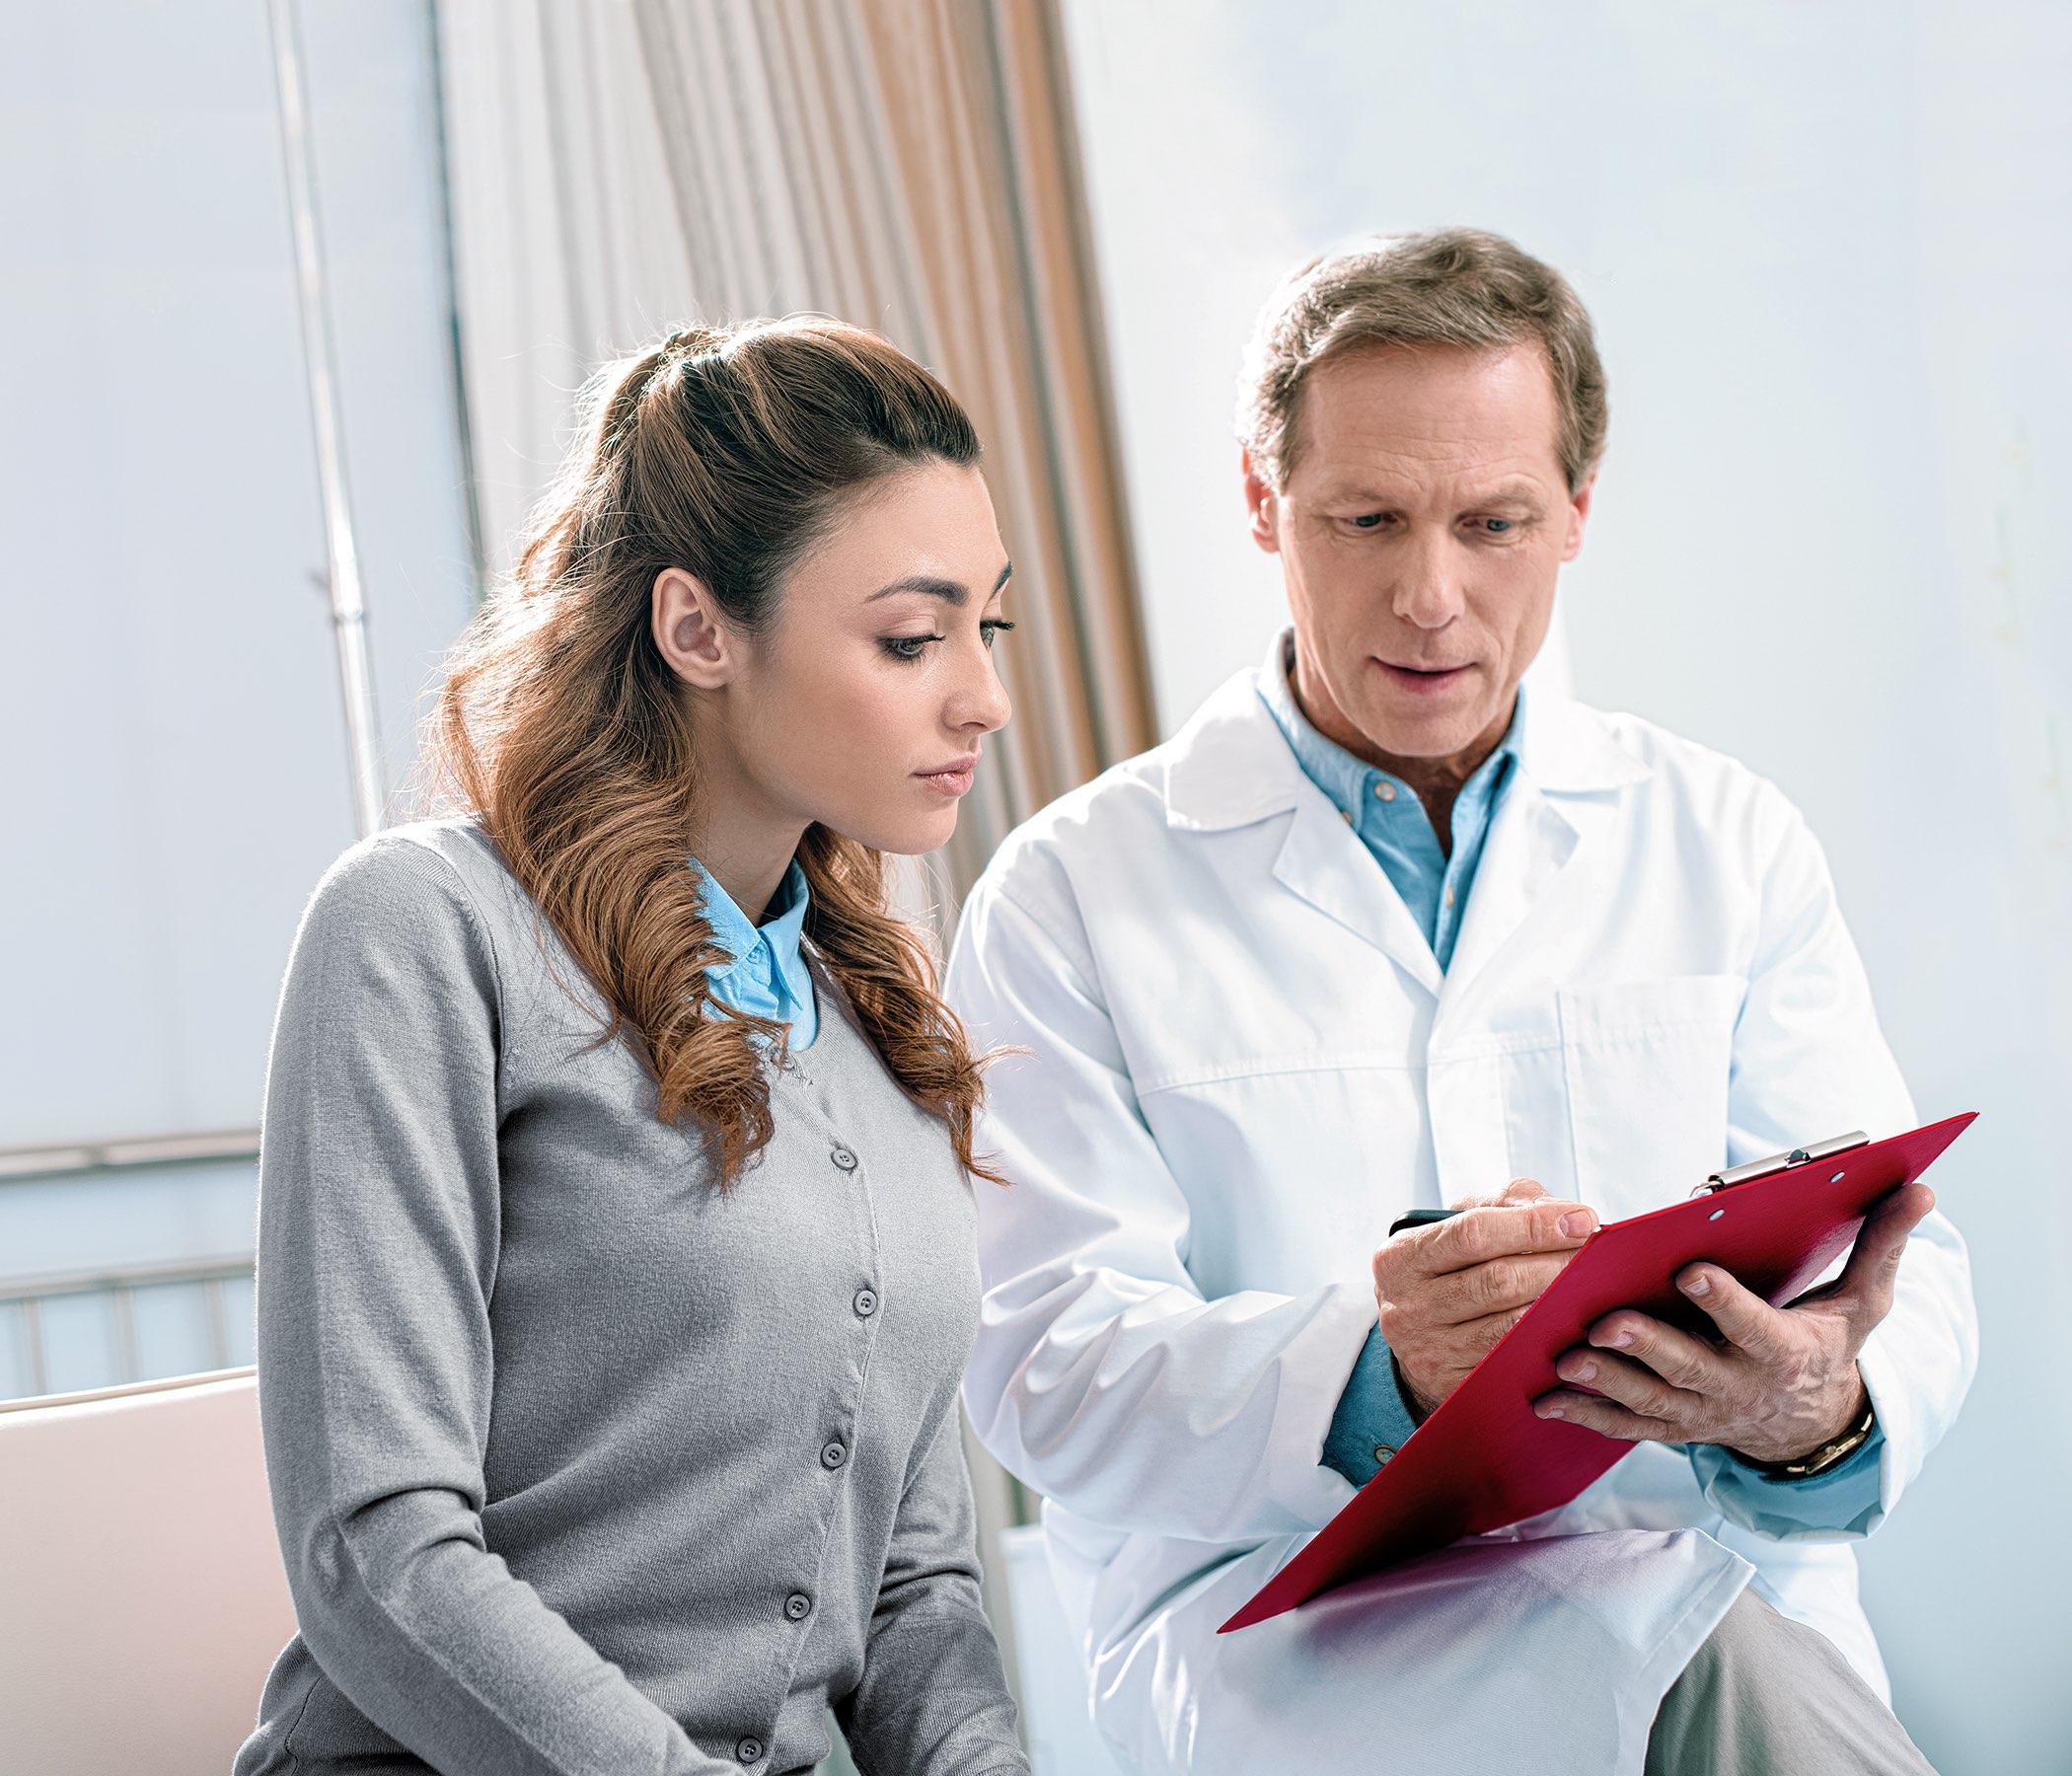 cuide demostrar algo al paciente en sujetapapeles en clínica